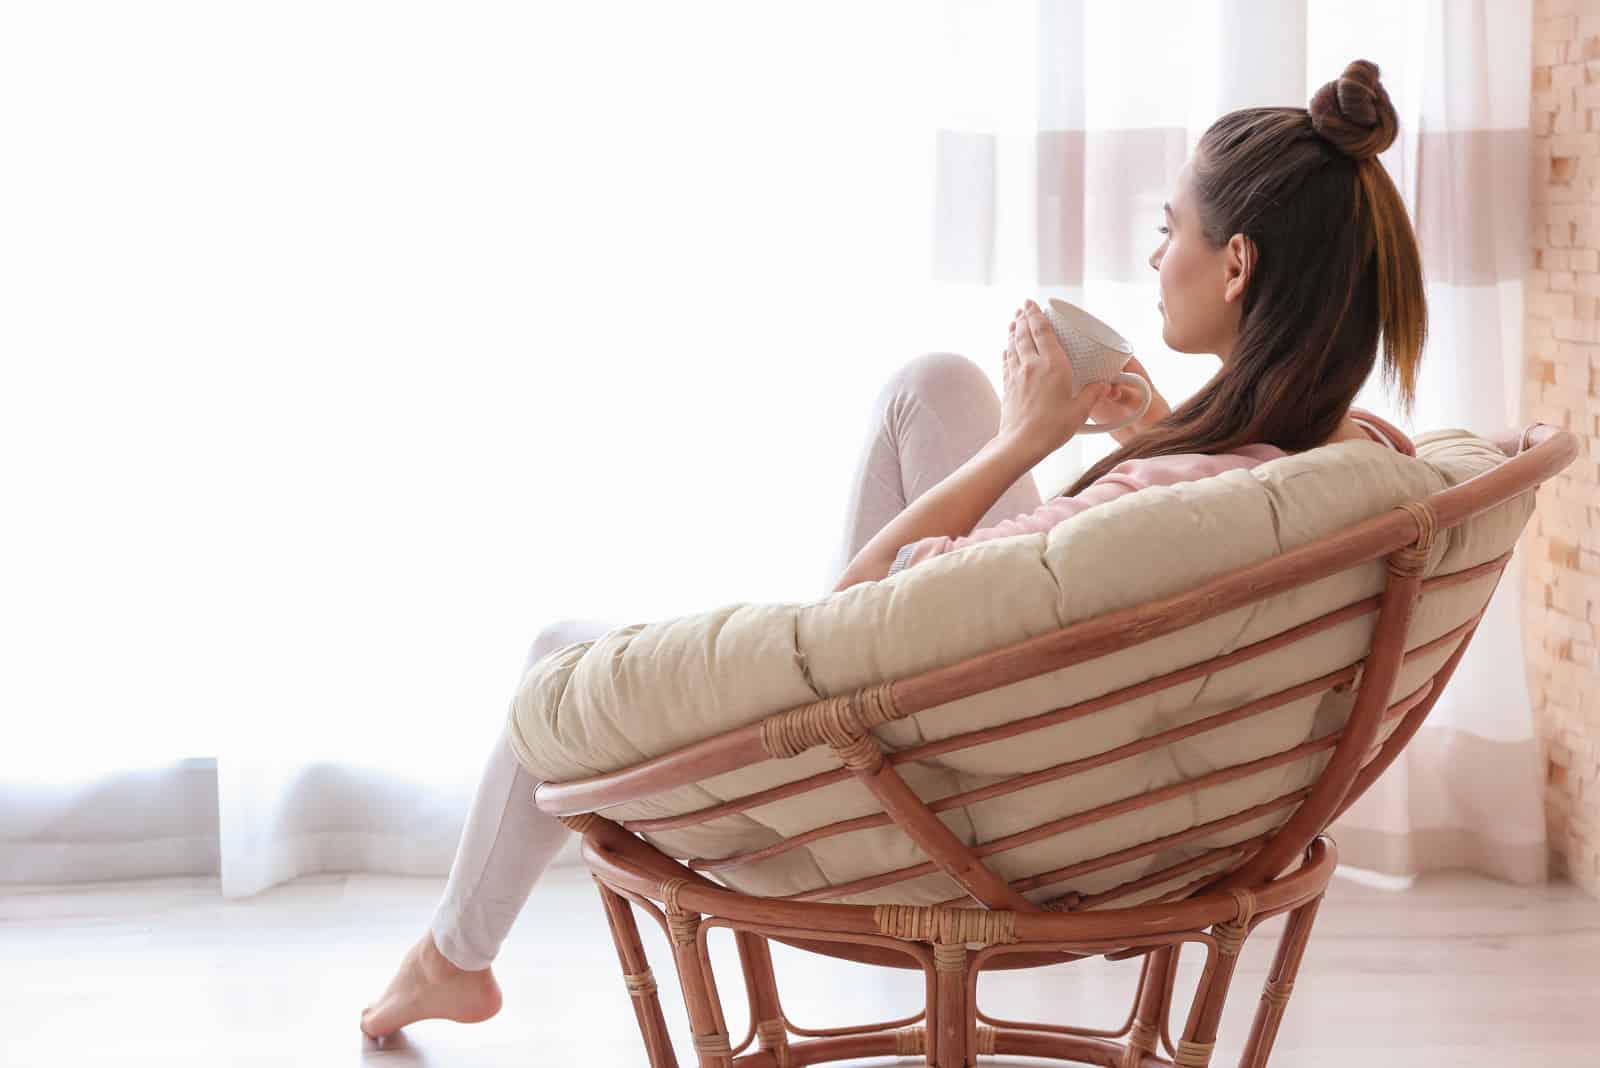 Eine imaginäre Frau sitzt auf einem Stuhl und trinkt Kaffee